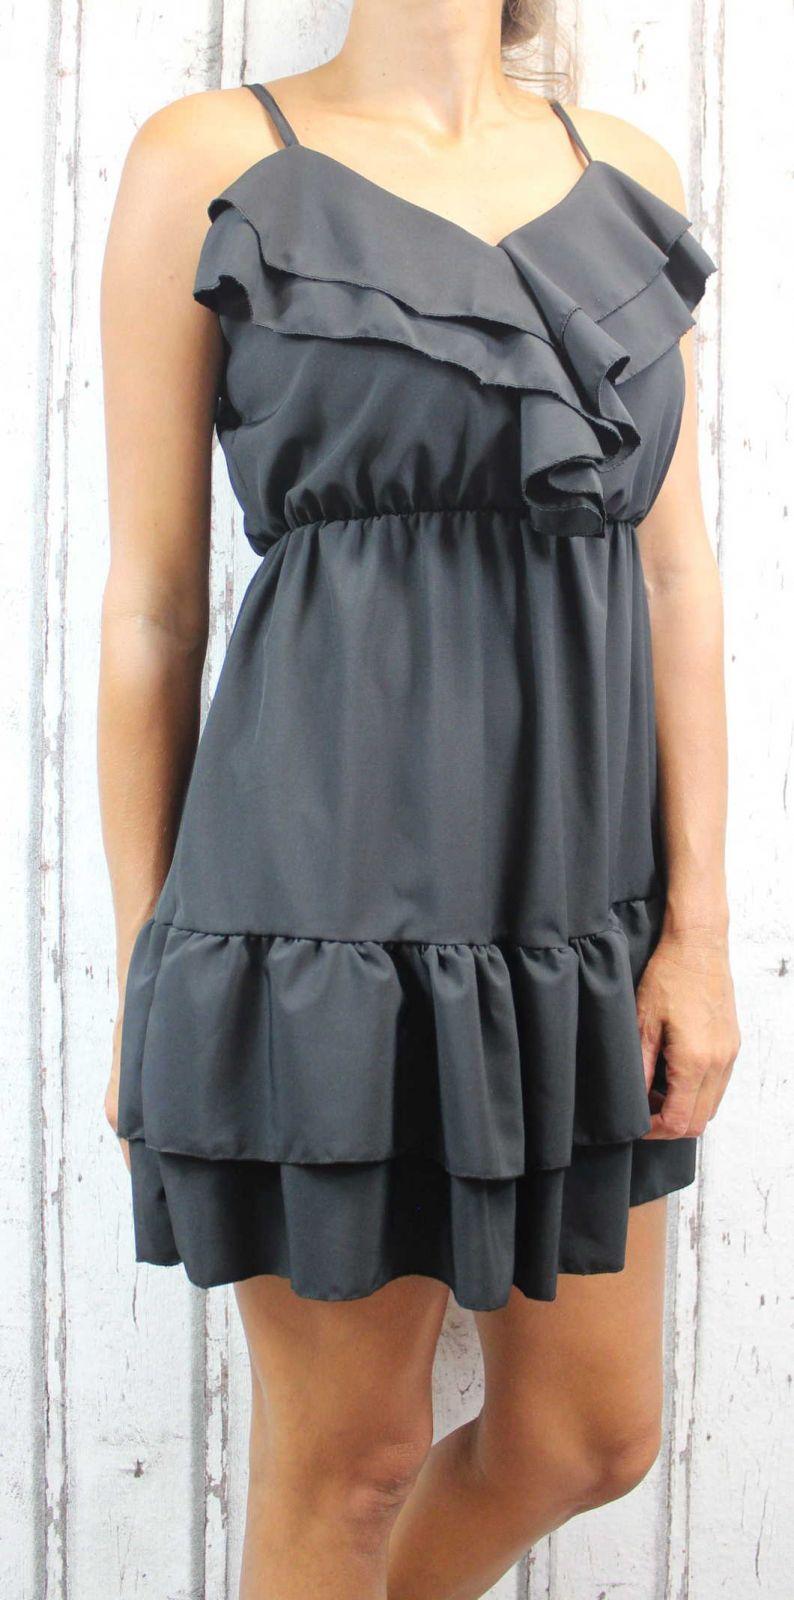 Dámské letní šaty, elegantní šaty, pohodlné šaty, černé šaty, černé elegantní šaty, černé koktejlové šaty, šaty s volánem, šaty na ramínka Italy Moda